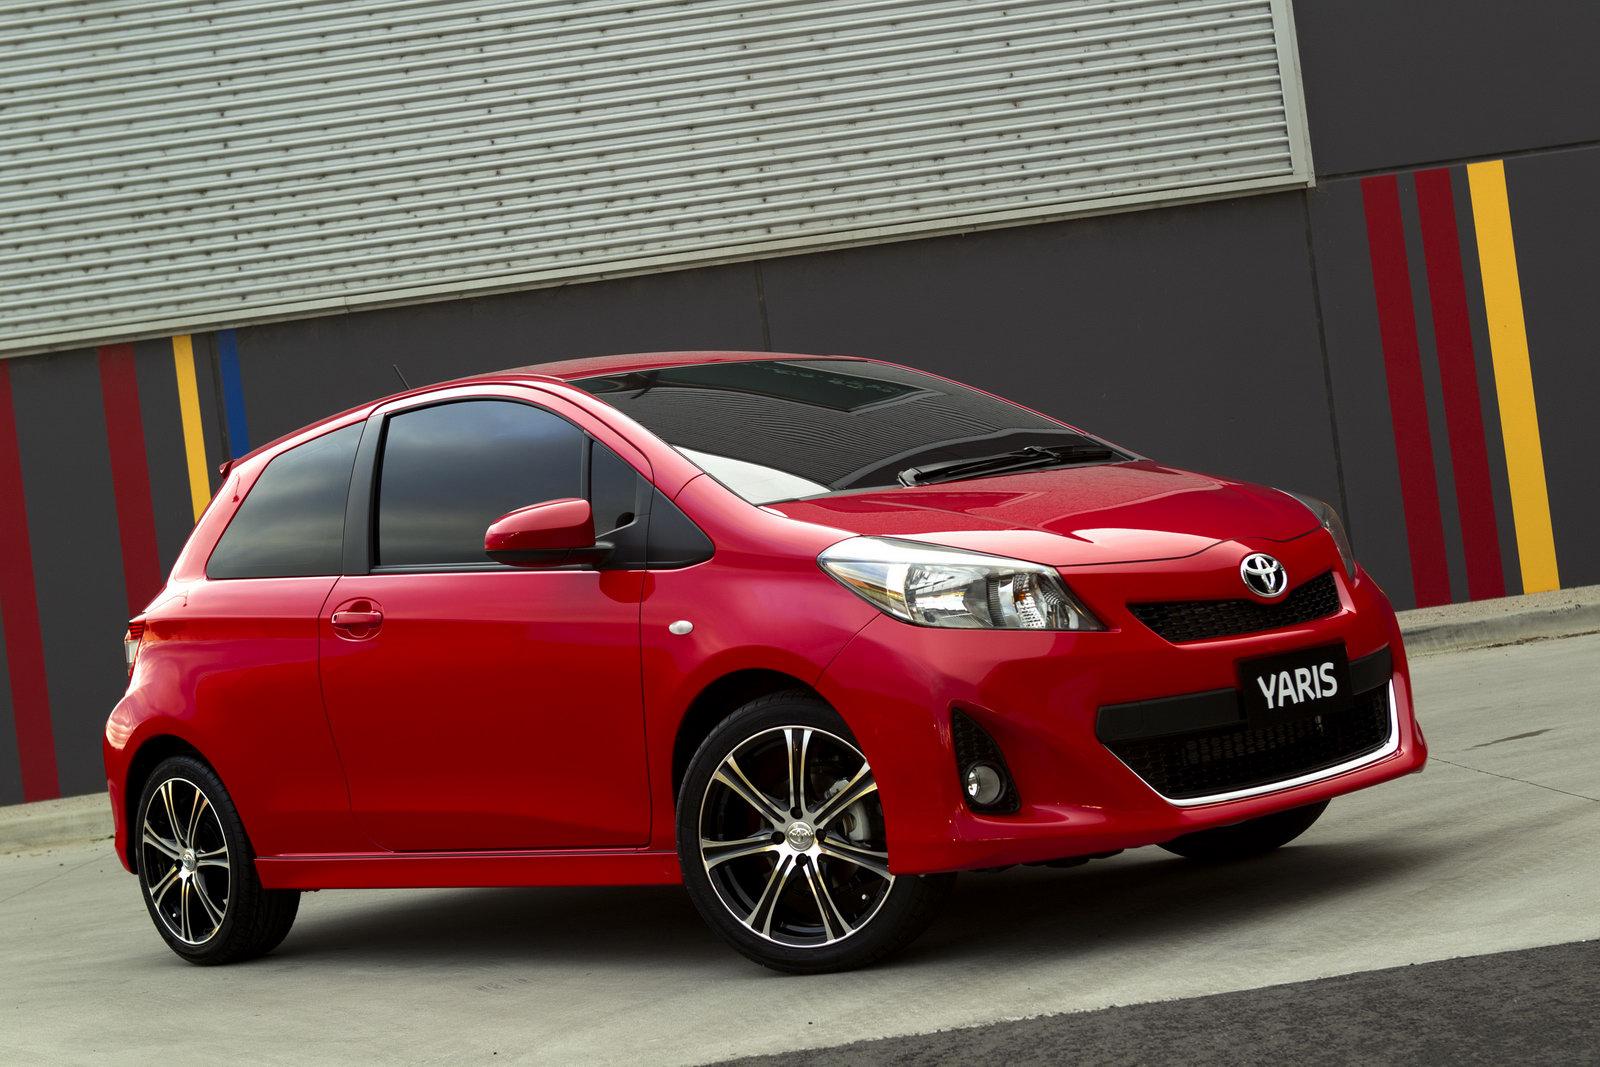 nową odsłonę popularnego auta miejskiego – modelu Yaris